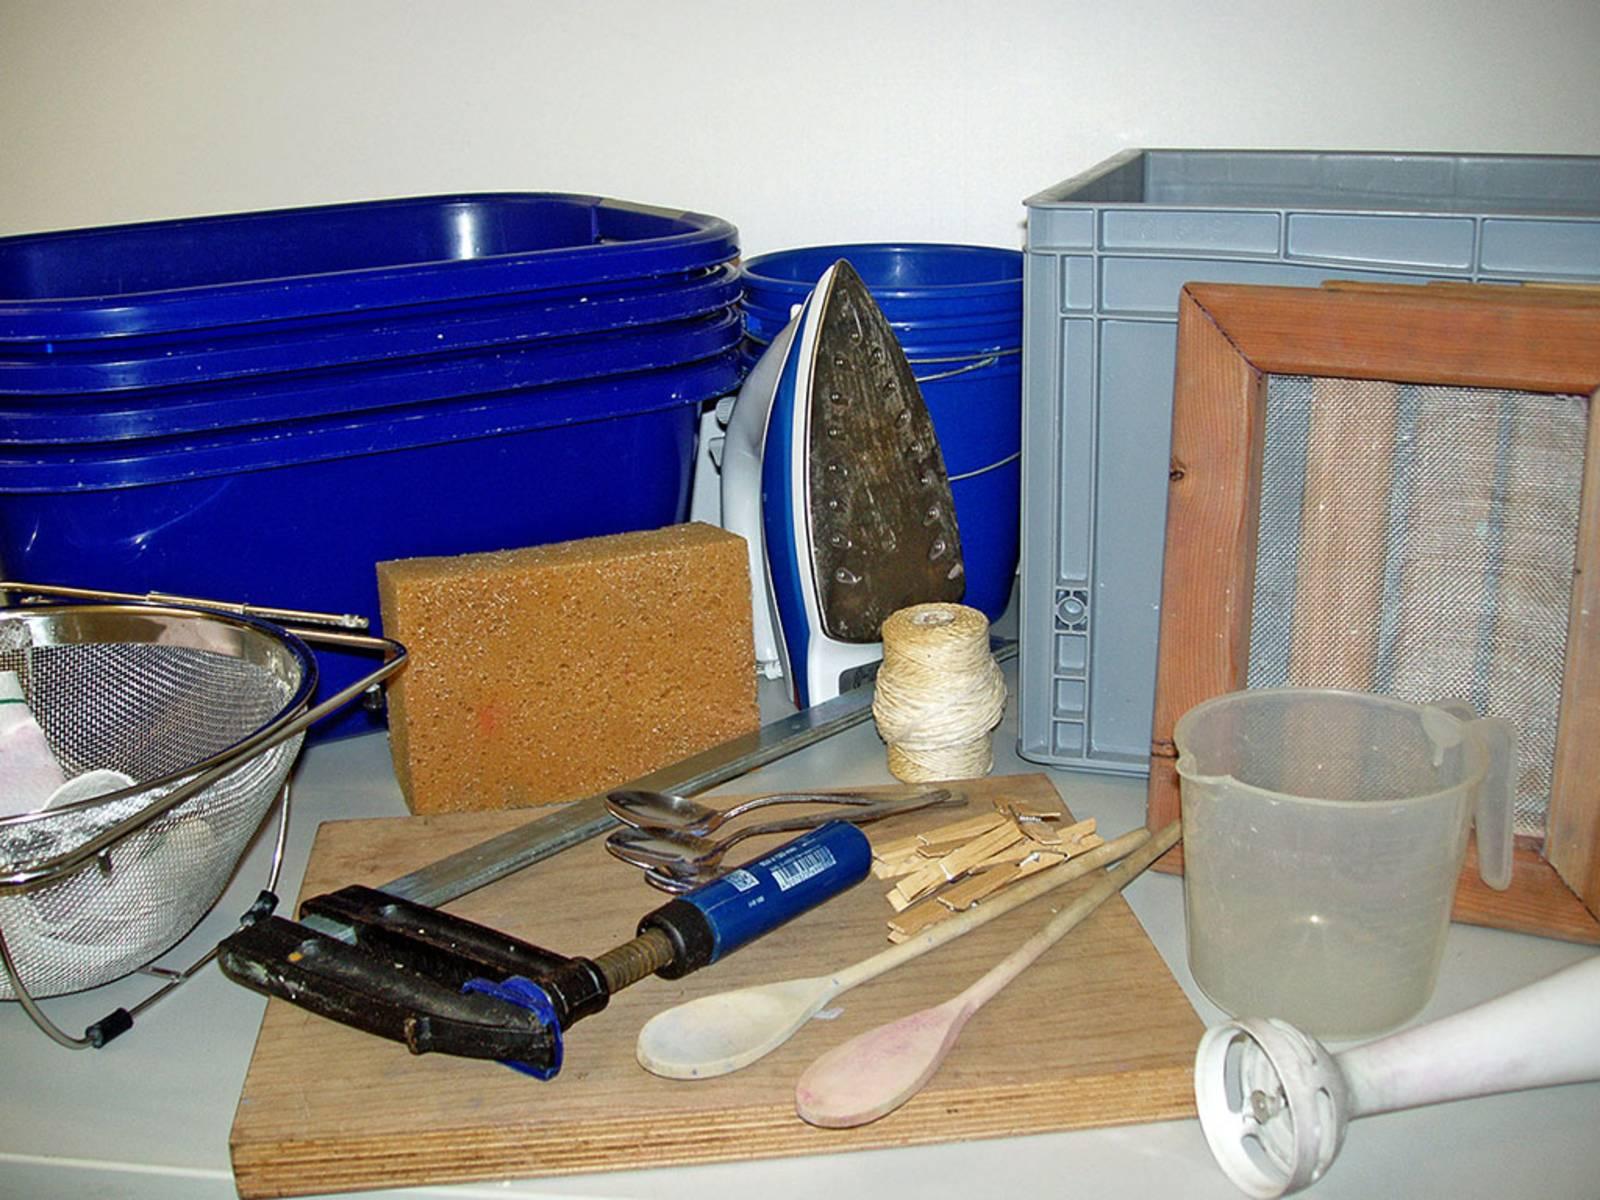 Utensilien fürs Papierschöpfen, die auf einem Tisch ausgebreitet sind: Plastikwannen, Eimer, Zwinge, Schwamm, Siebe, Löffel, Bügeleisen, Wäscheklammern, Leine